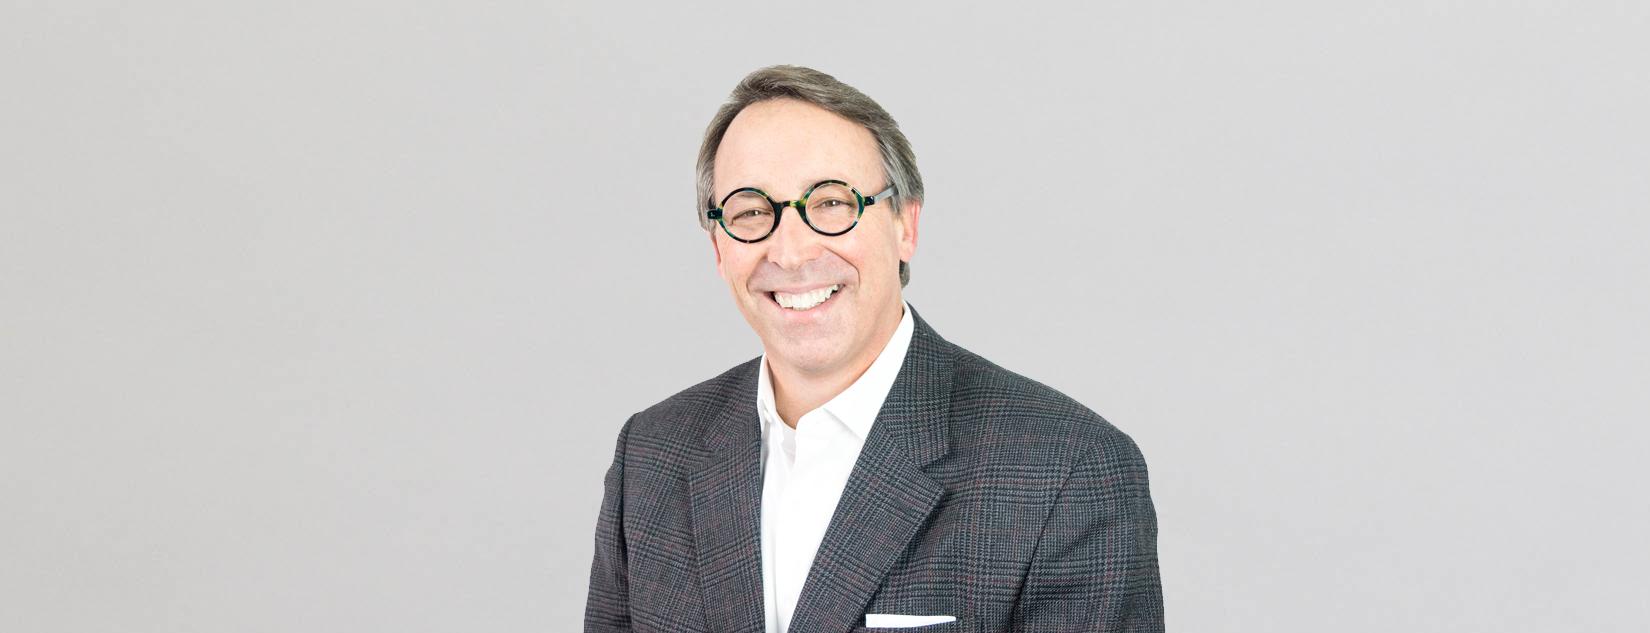 Scott O'Neal